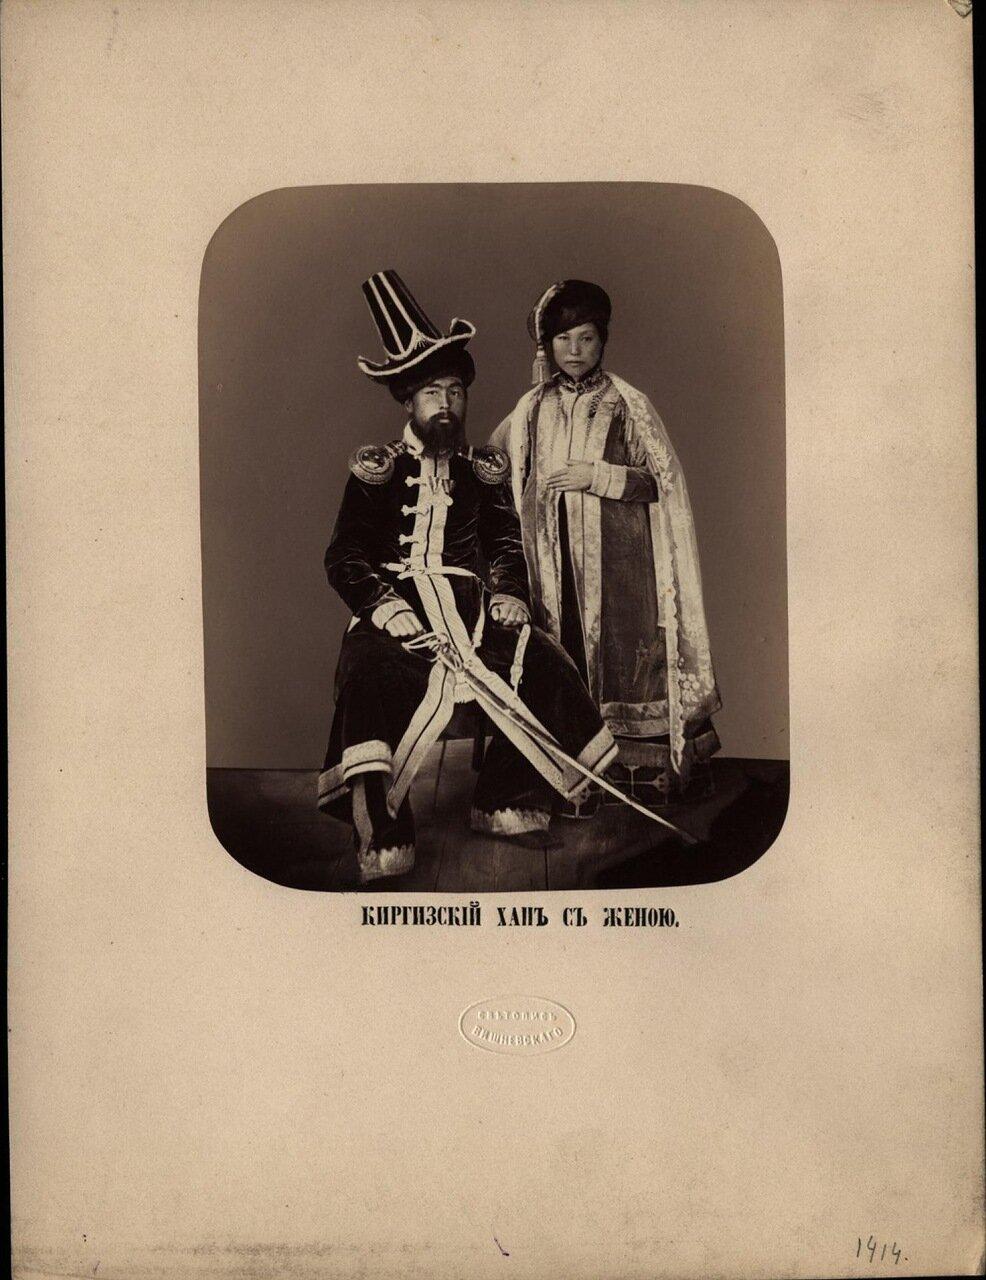 Киргизский хан с женой . Ателье «Светопись Вишневского».— Начало 1870-х.